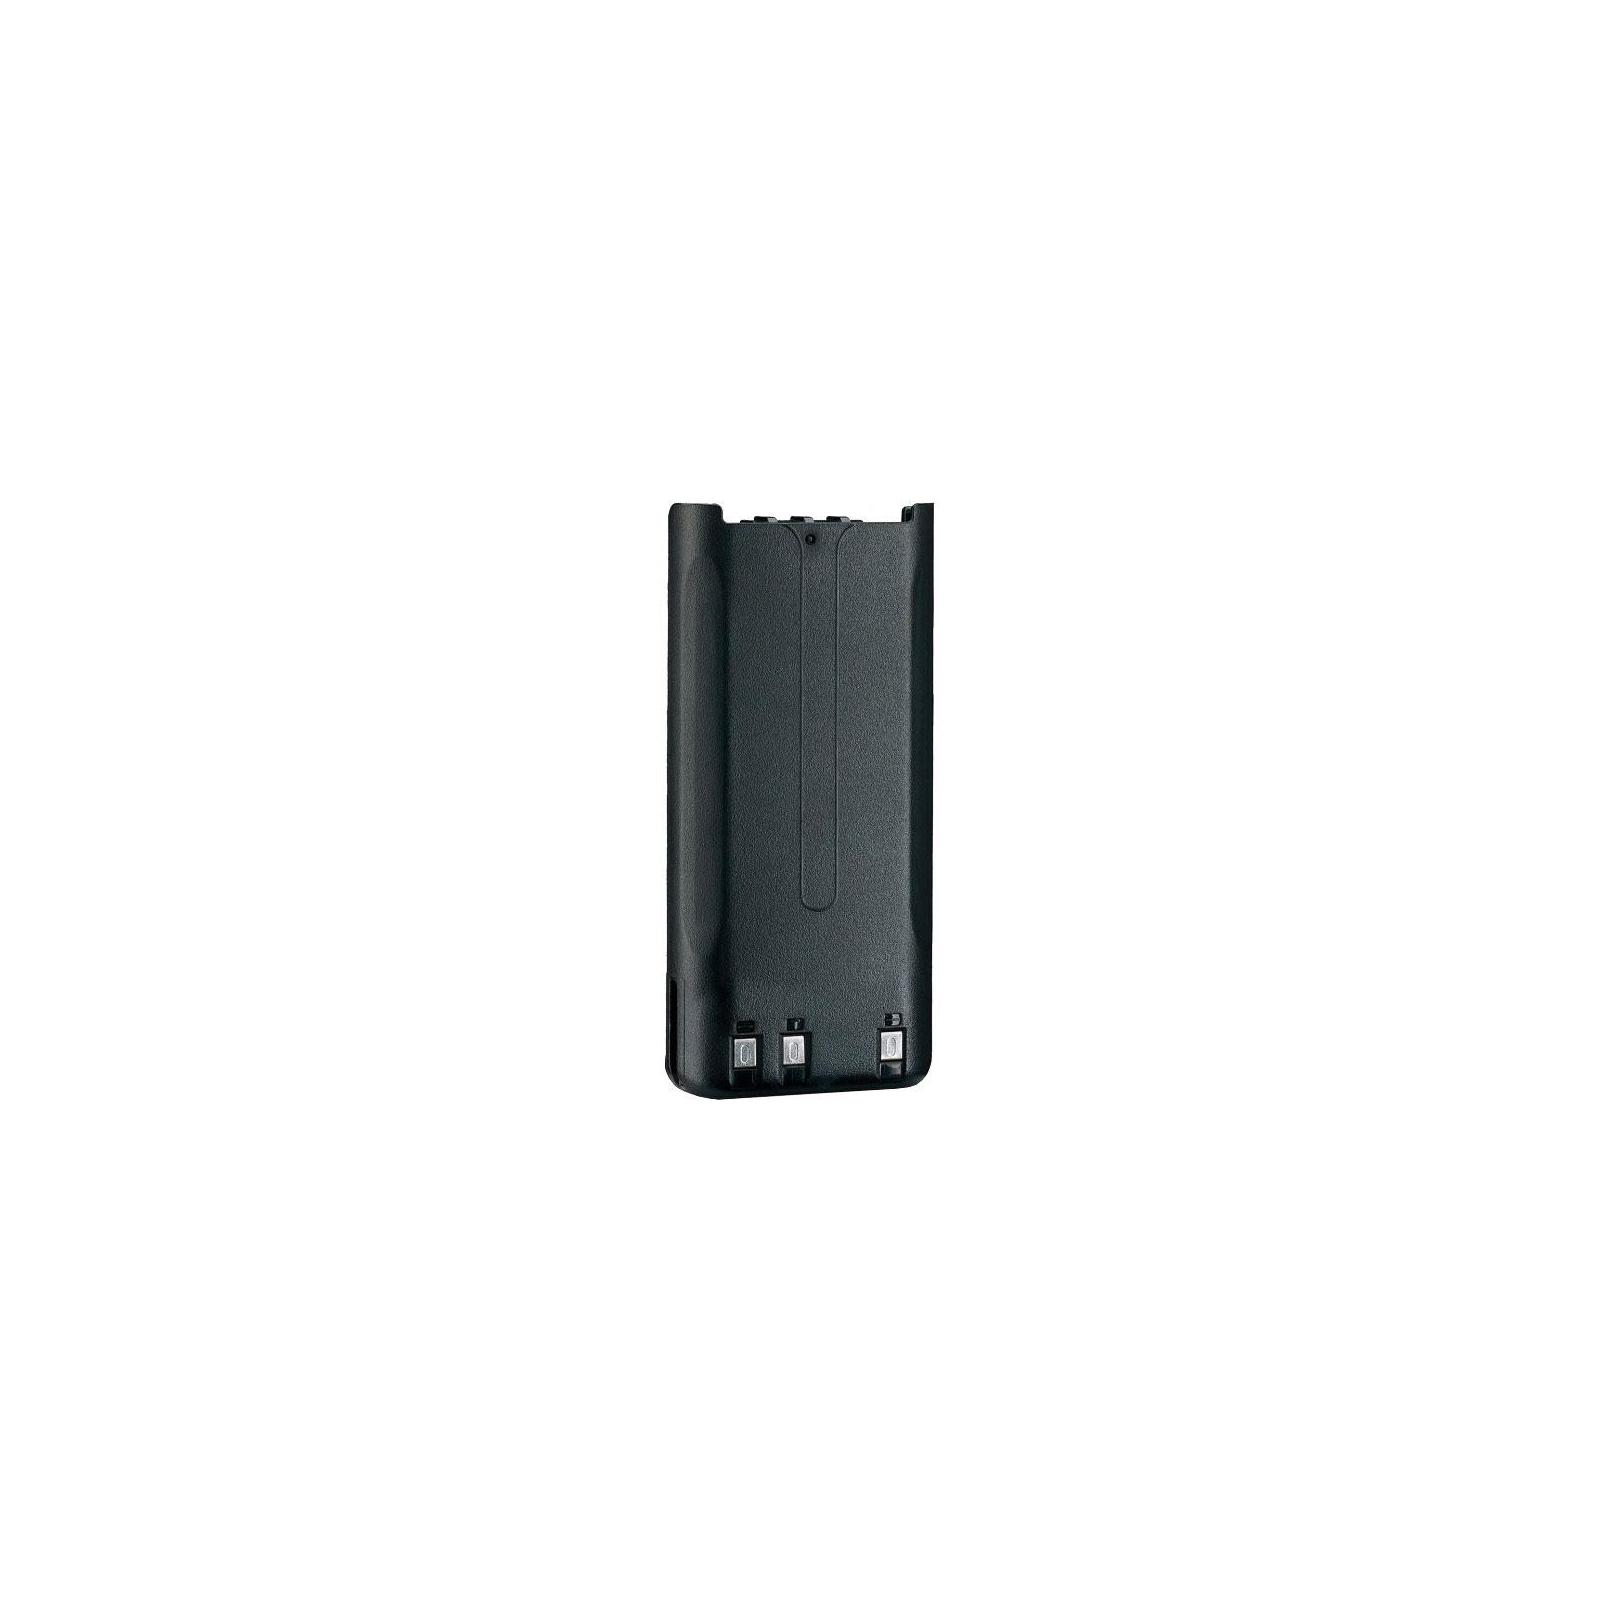 Аккумуляторная батарея для телефона Kenwood для ТК-2206/3206/2306/2212/2307 (KNB-30N)